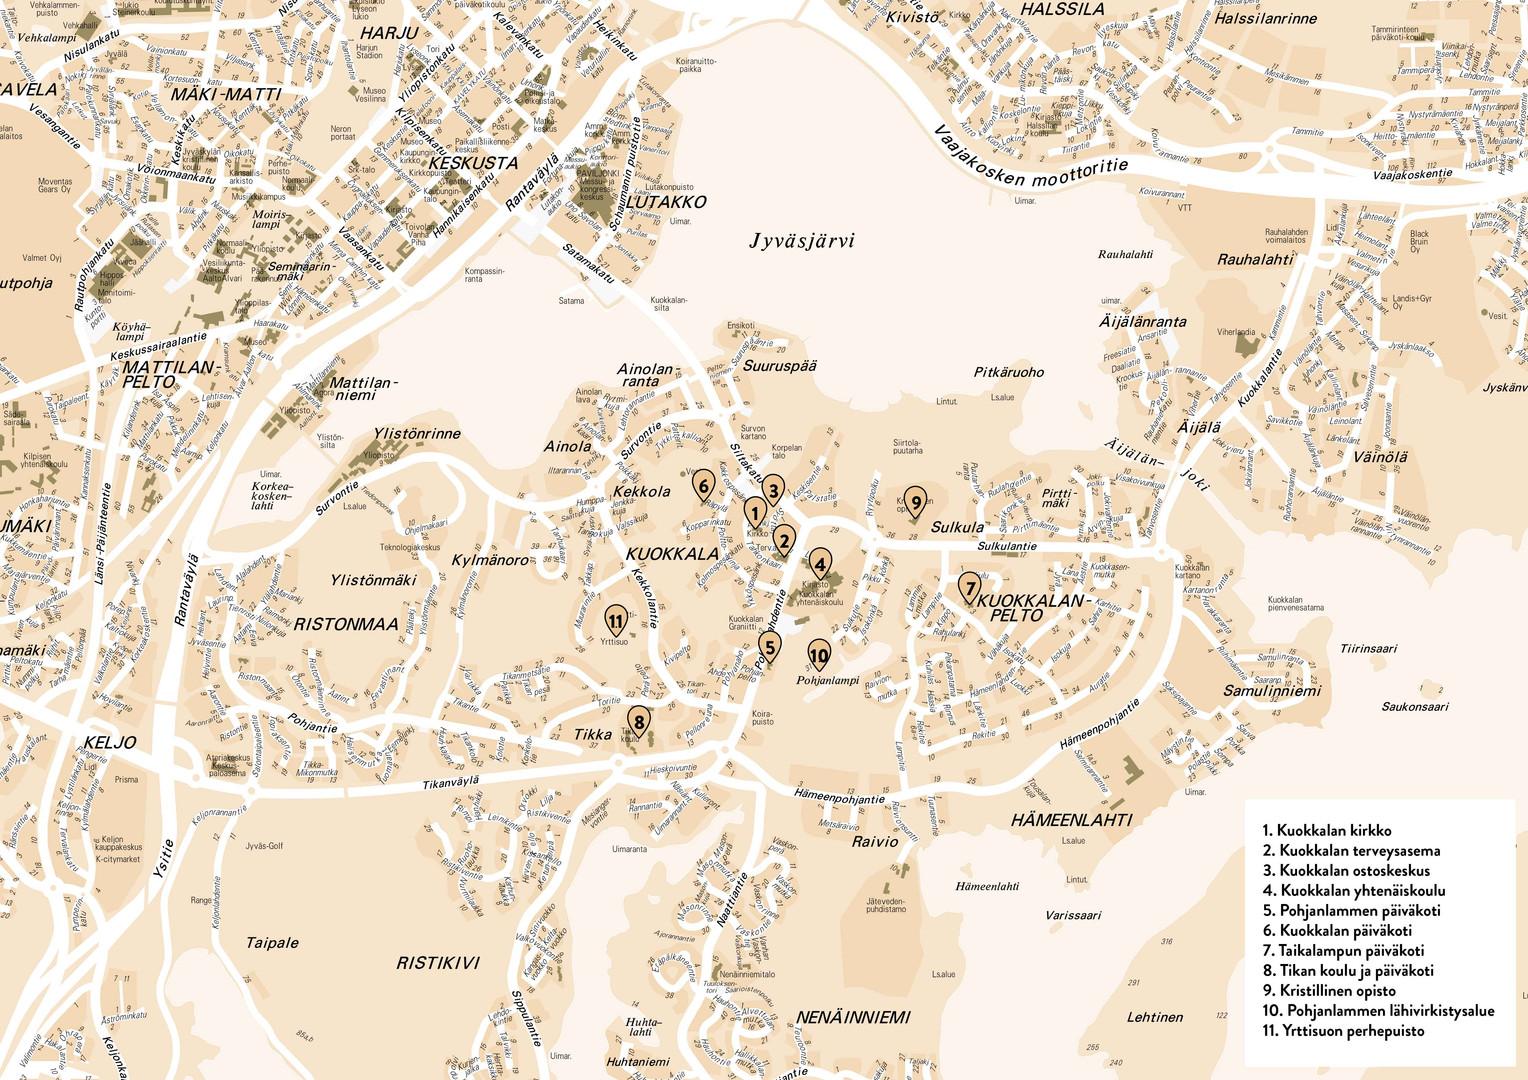 opaskartta_kalon_19032019.jpg